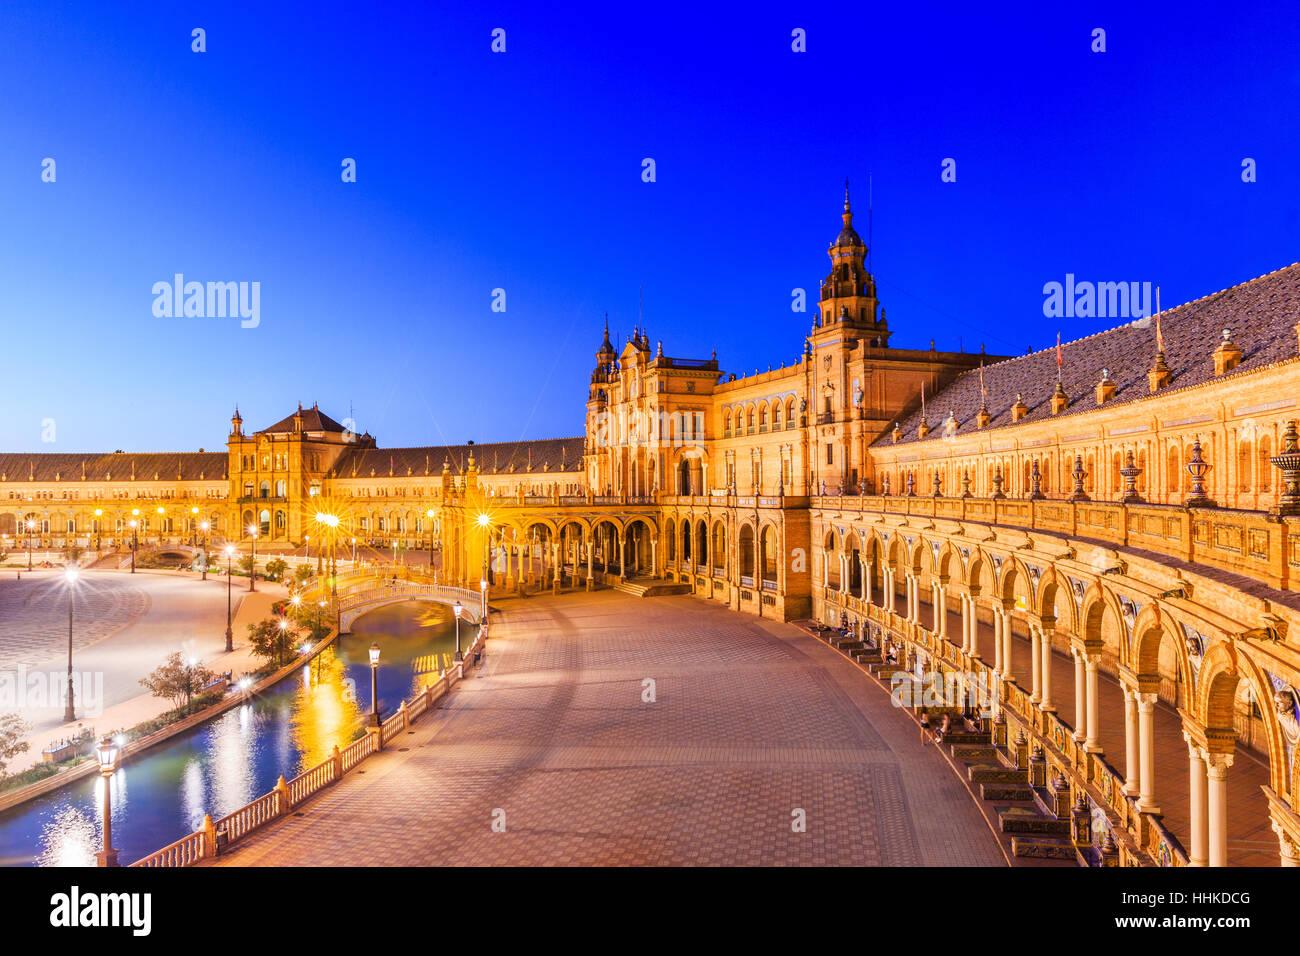 Siviglia, Spagna. Piazza di Spagna. Immagini Stock